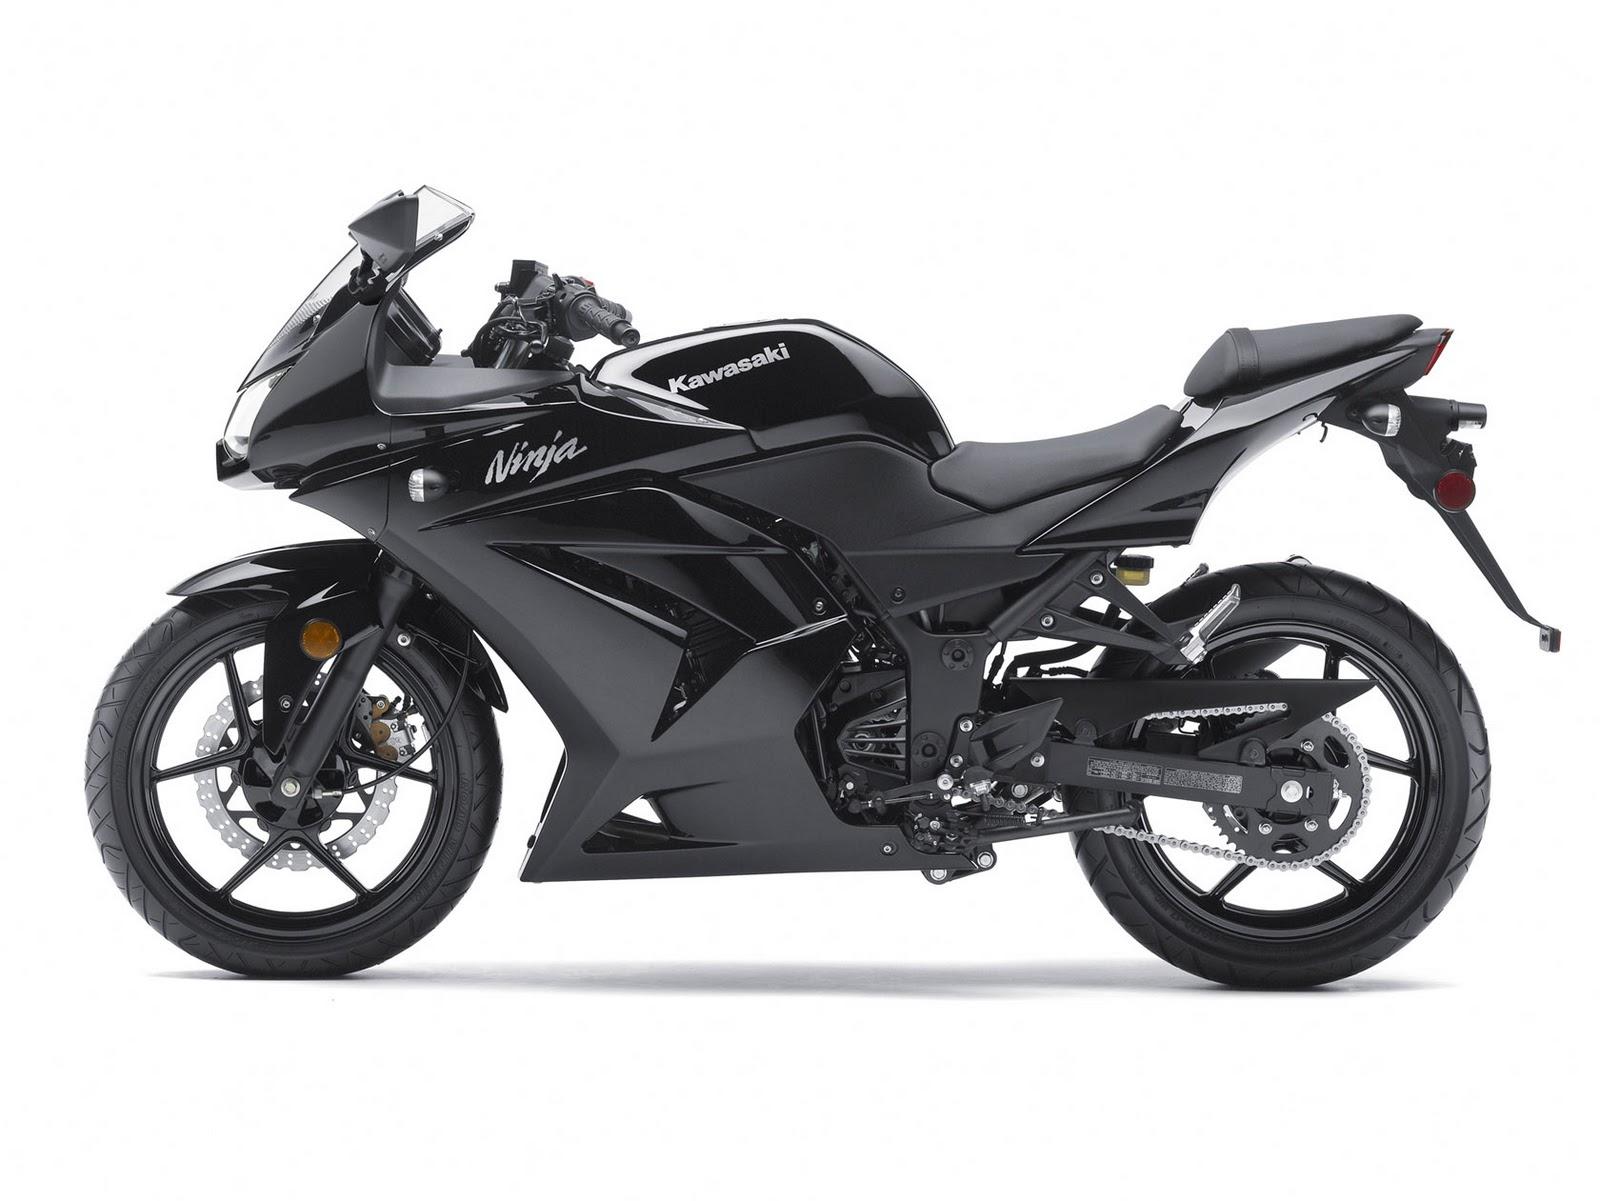 oto cars  motorcycles trends  kawasaki ninja 250r 2011   kawasaki